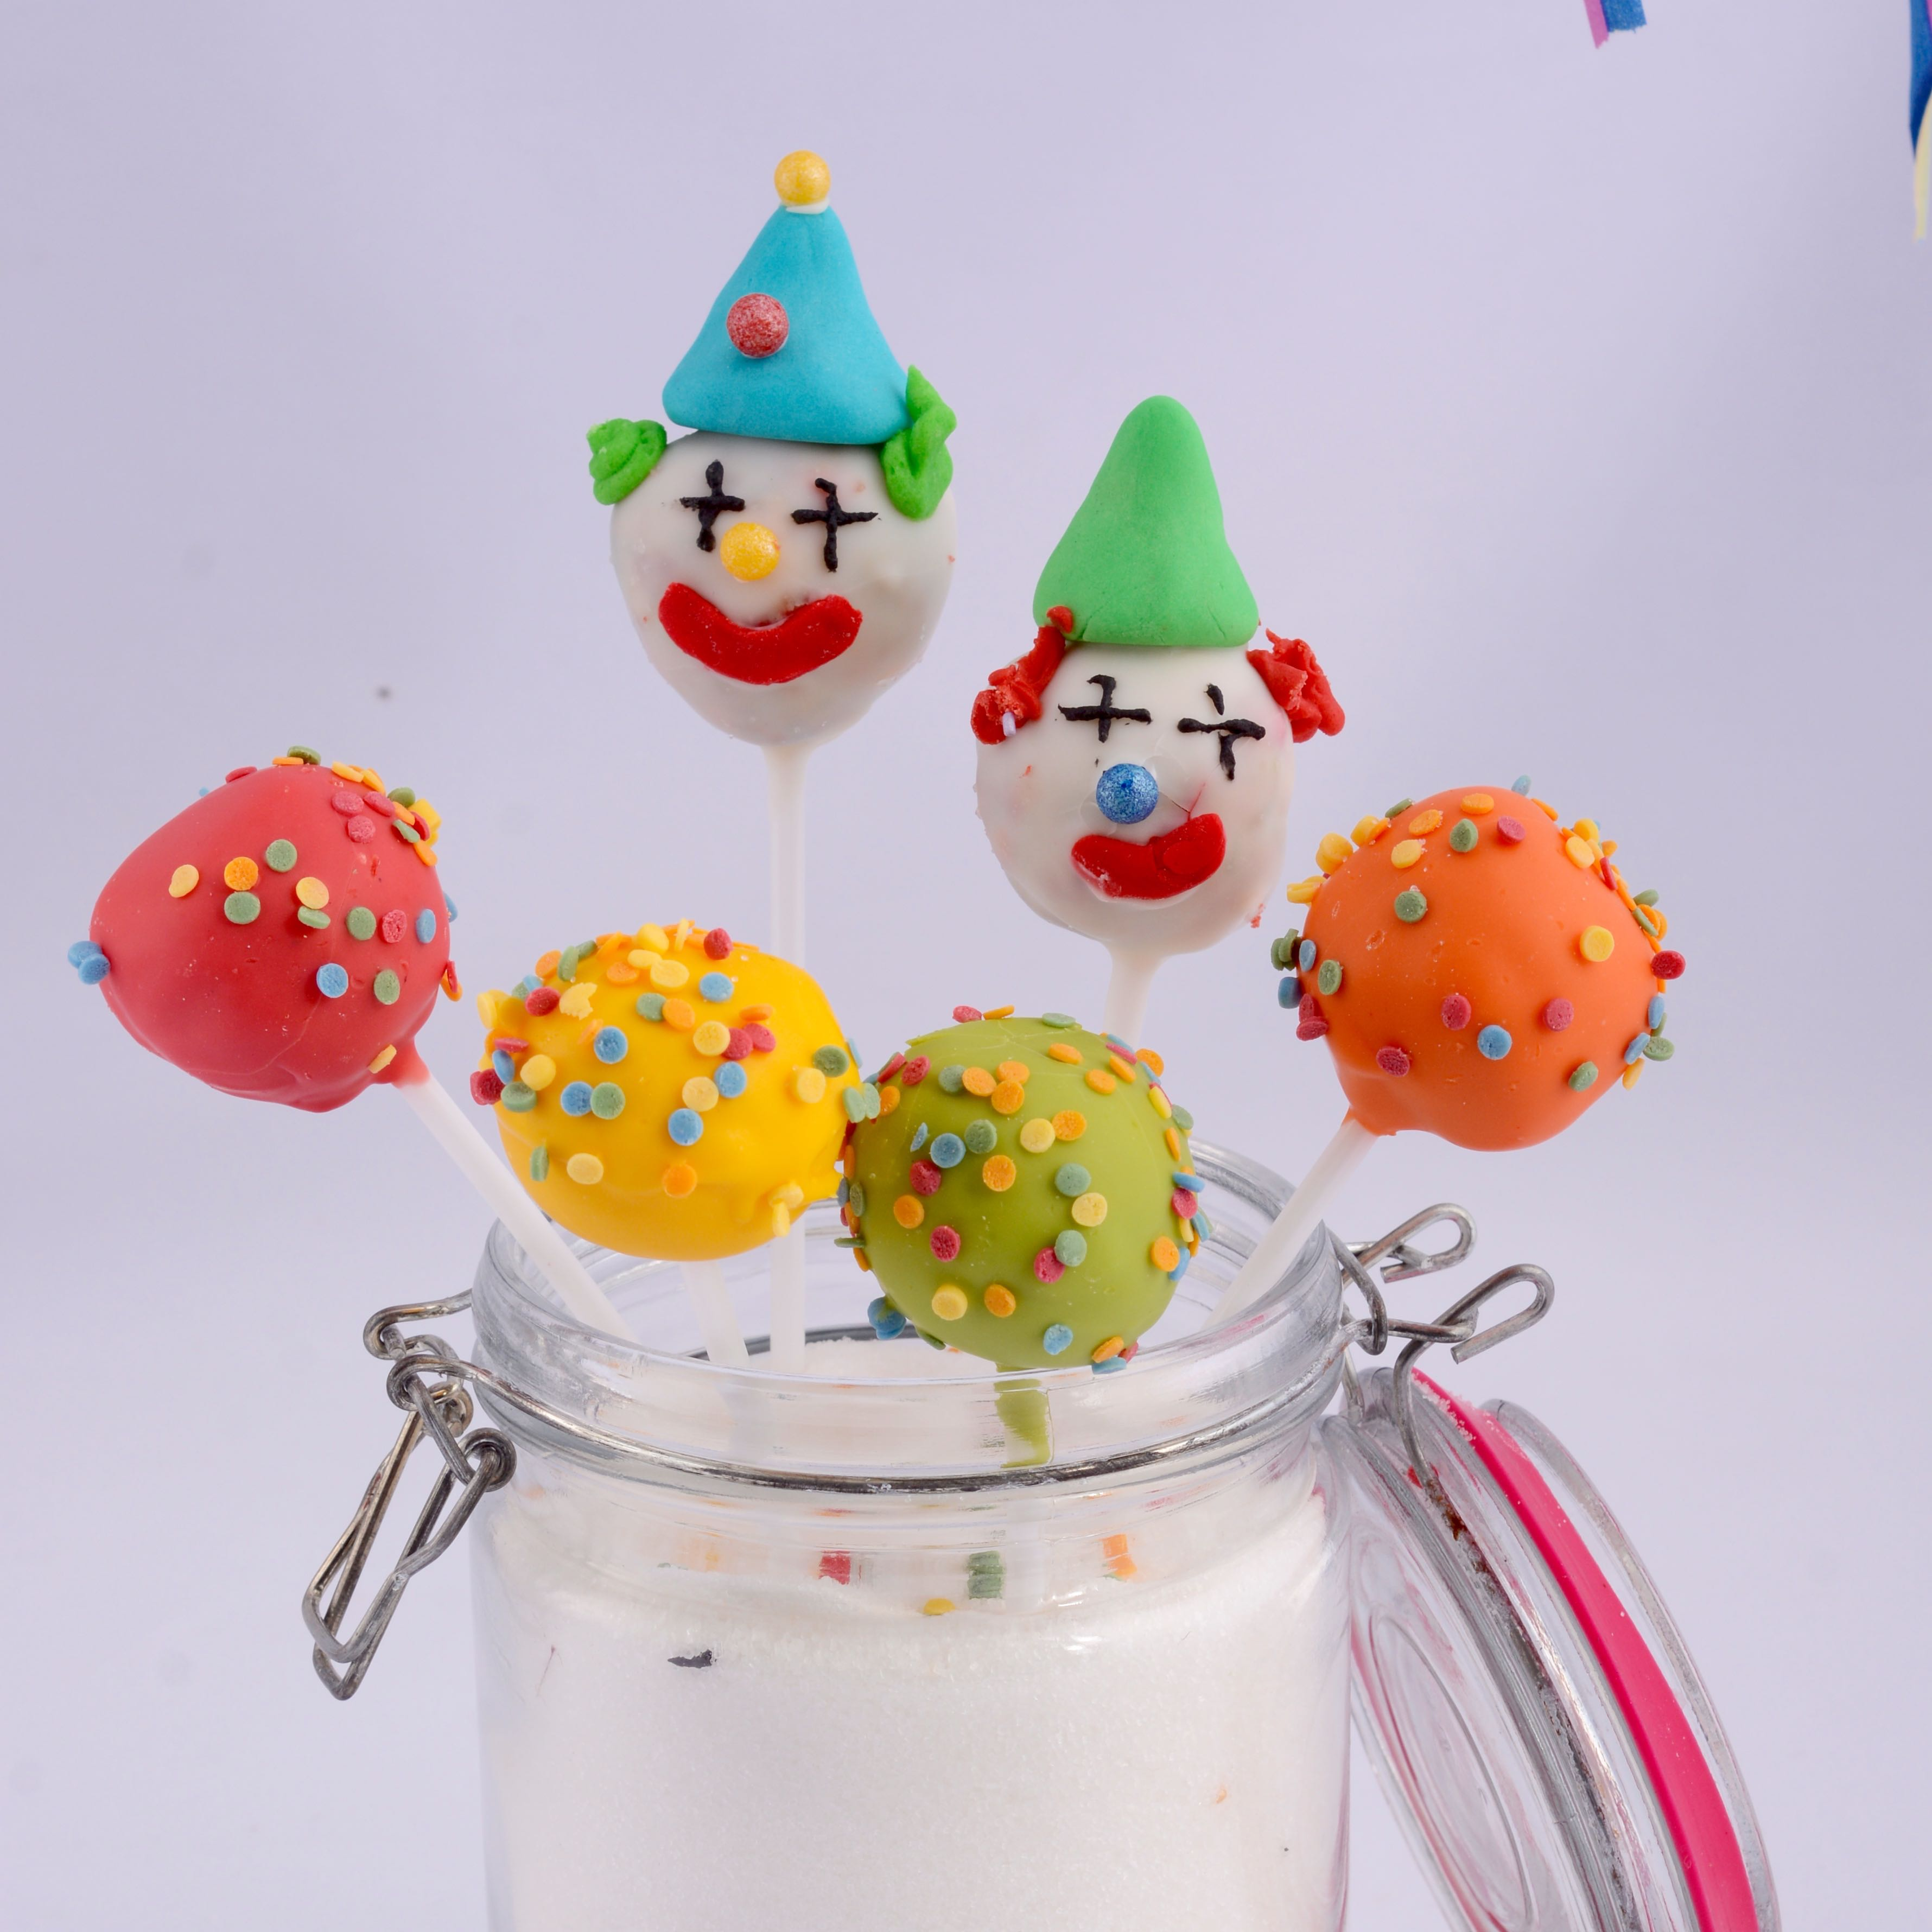 Clown Und Confetti Cakepos Zu Fasching Die Backschwestern